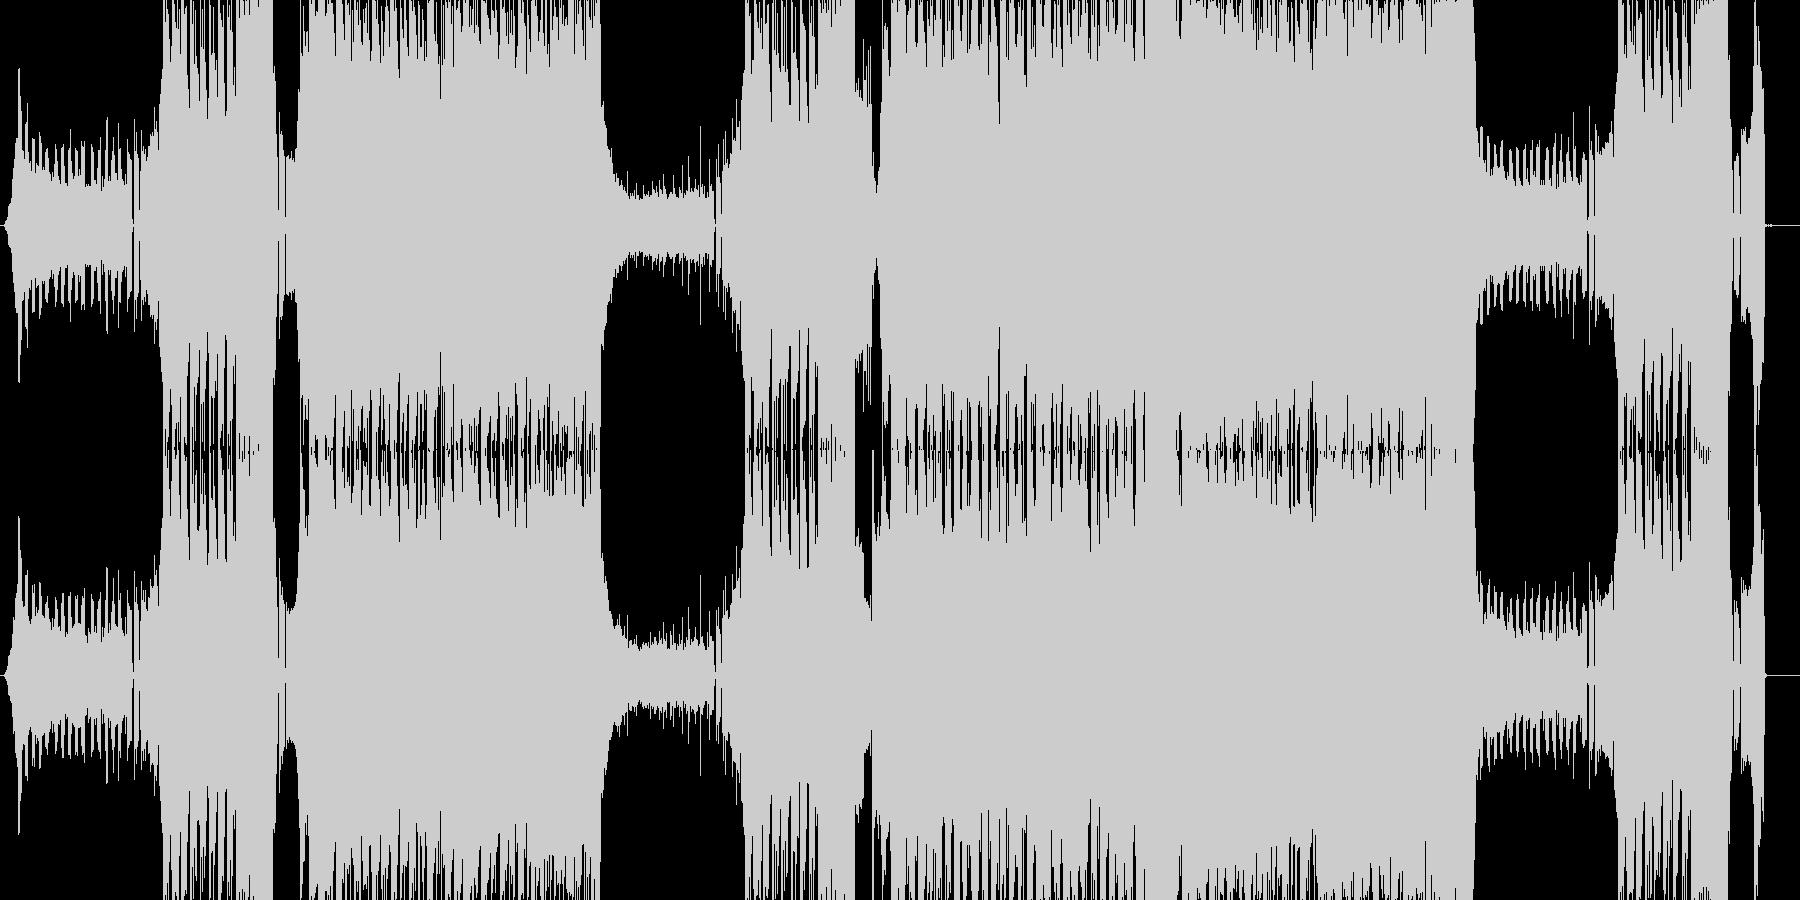 エッジのきいたパワフルなEDMの未再生の波形